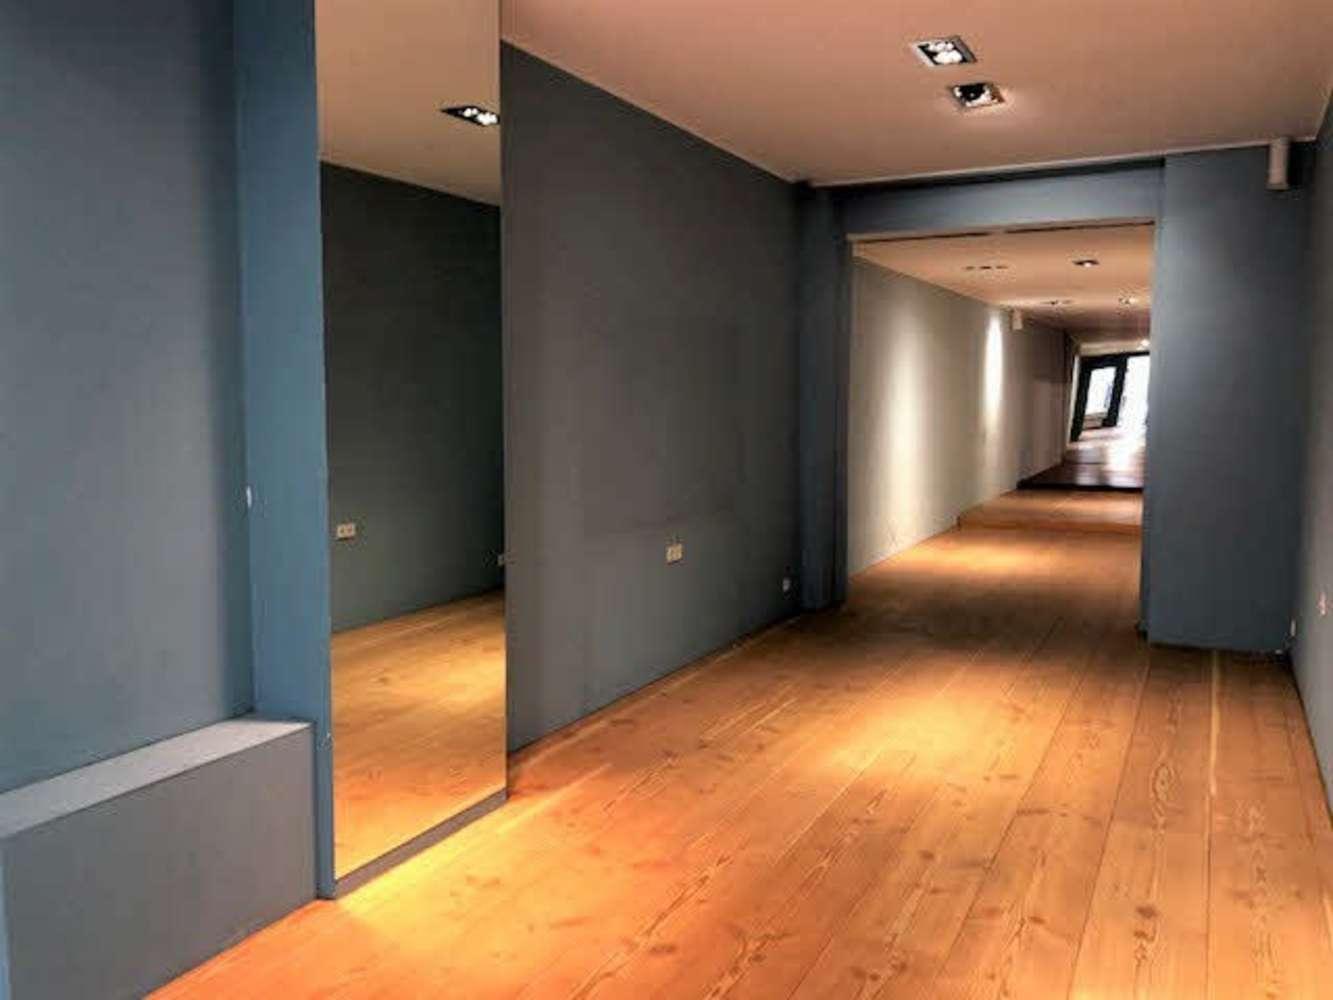 Ladenflächen Köln, 50672 - Ladenfläche - Köln, Innenstadt - E0923 - 10030230